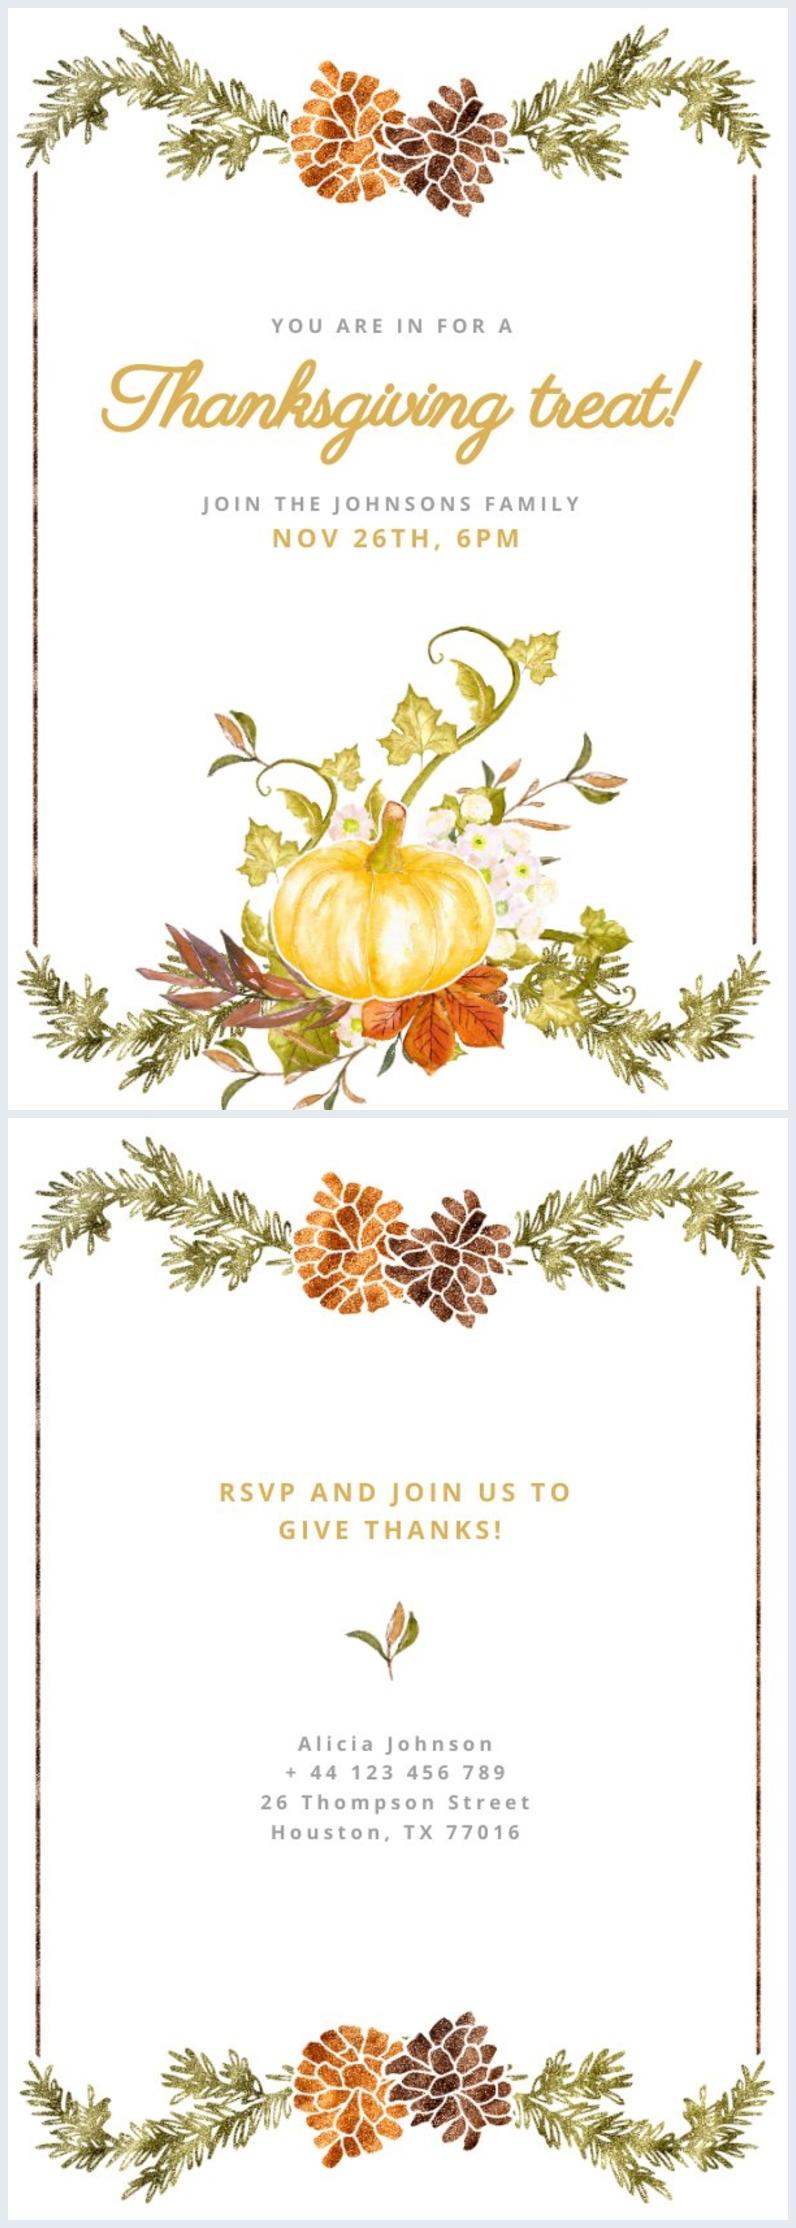 Ejemplo de diseño para invitación de Acción de Gracias